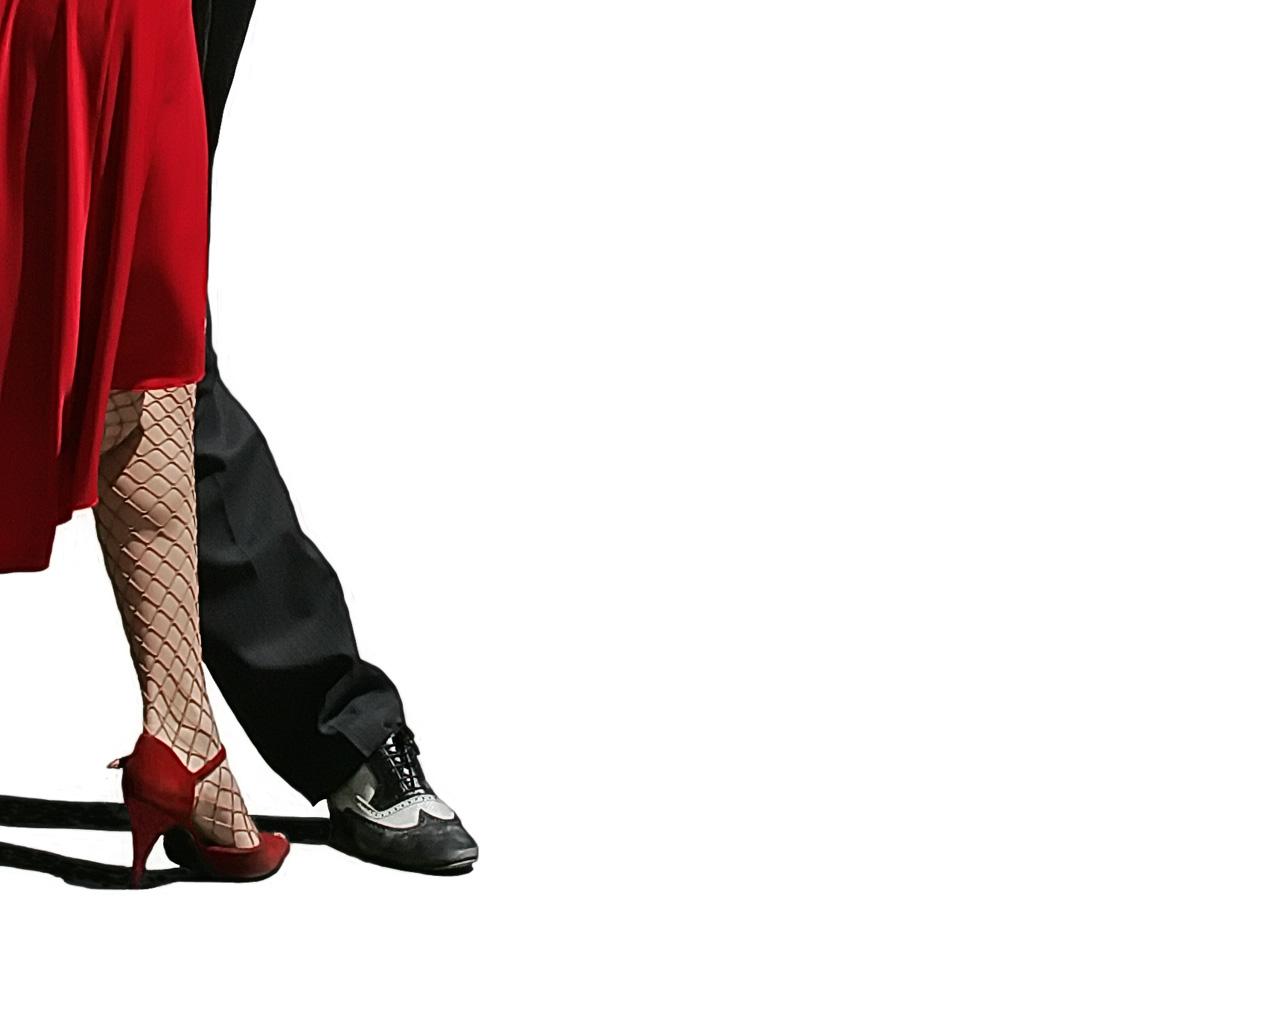 Convocatoria abierta a artistas de tango de la ciudad